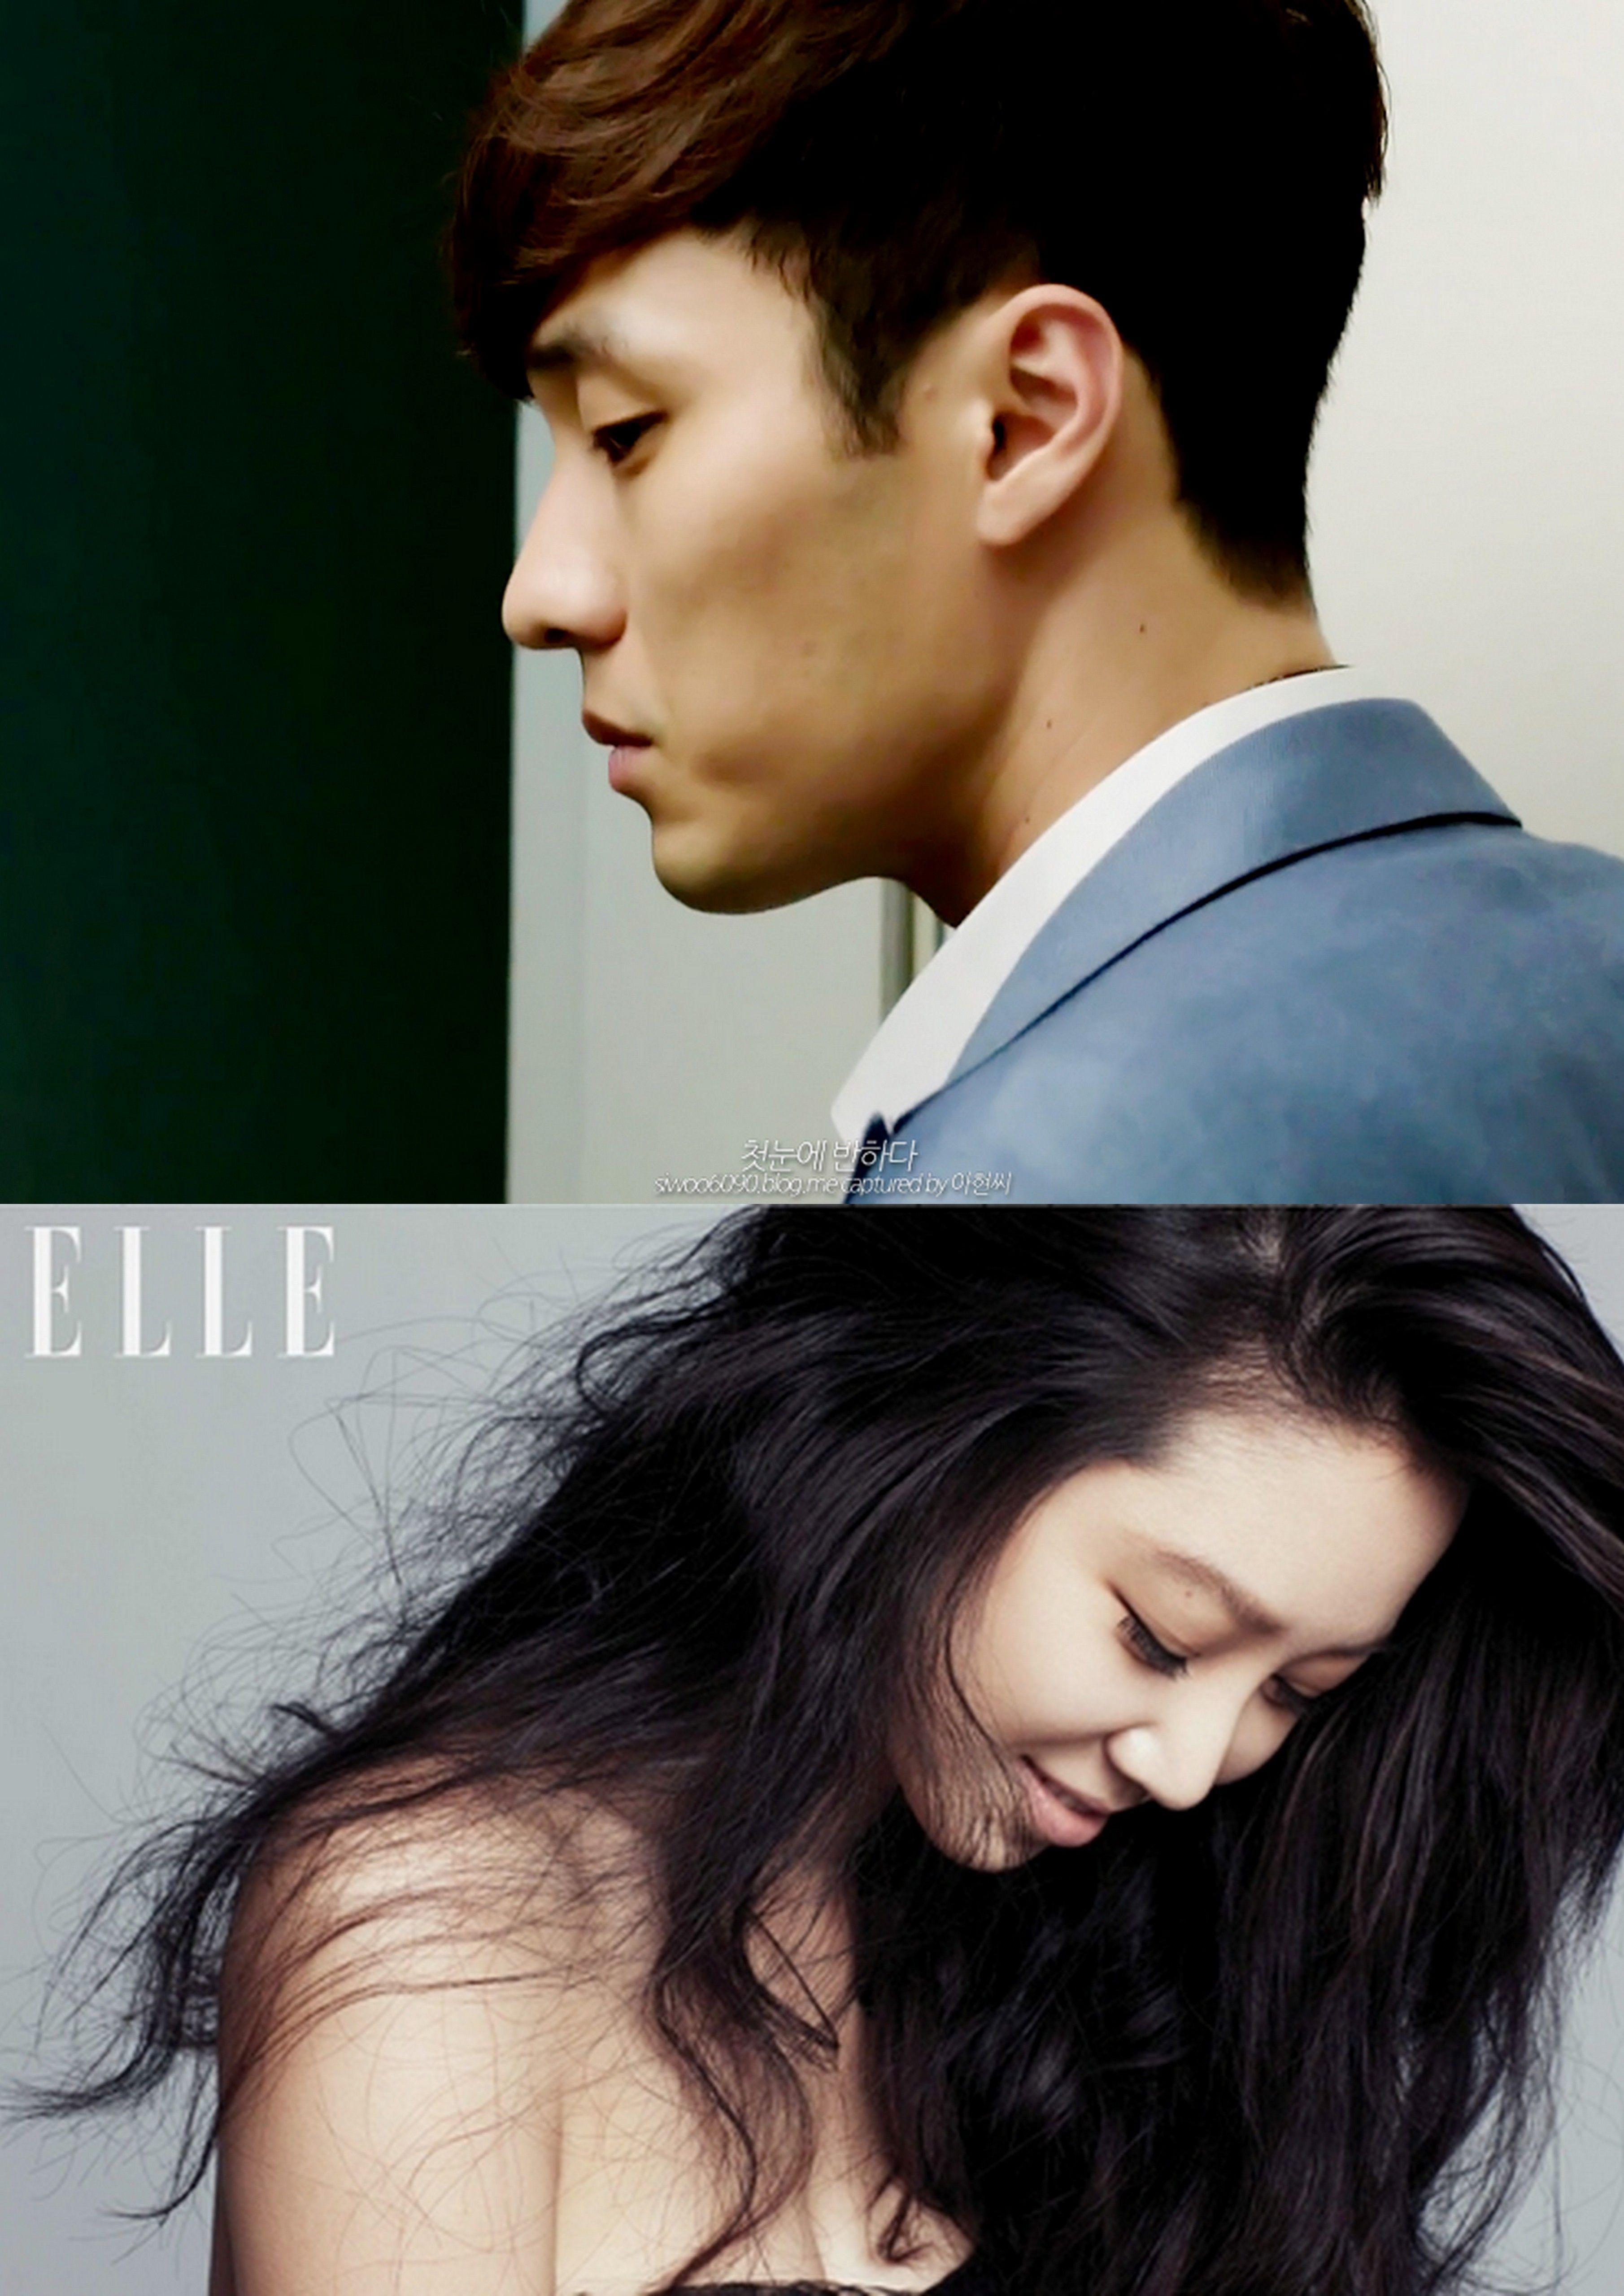 so ji sub x gong hyo jin 핼로우카지노코리아카지노♤♤ASIANKASINO。COM♤♤다모아카지노태양성카지노